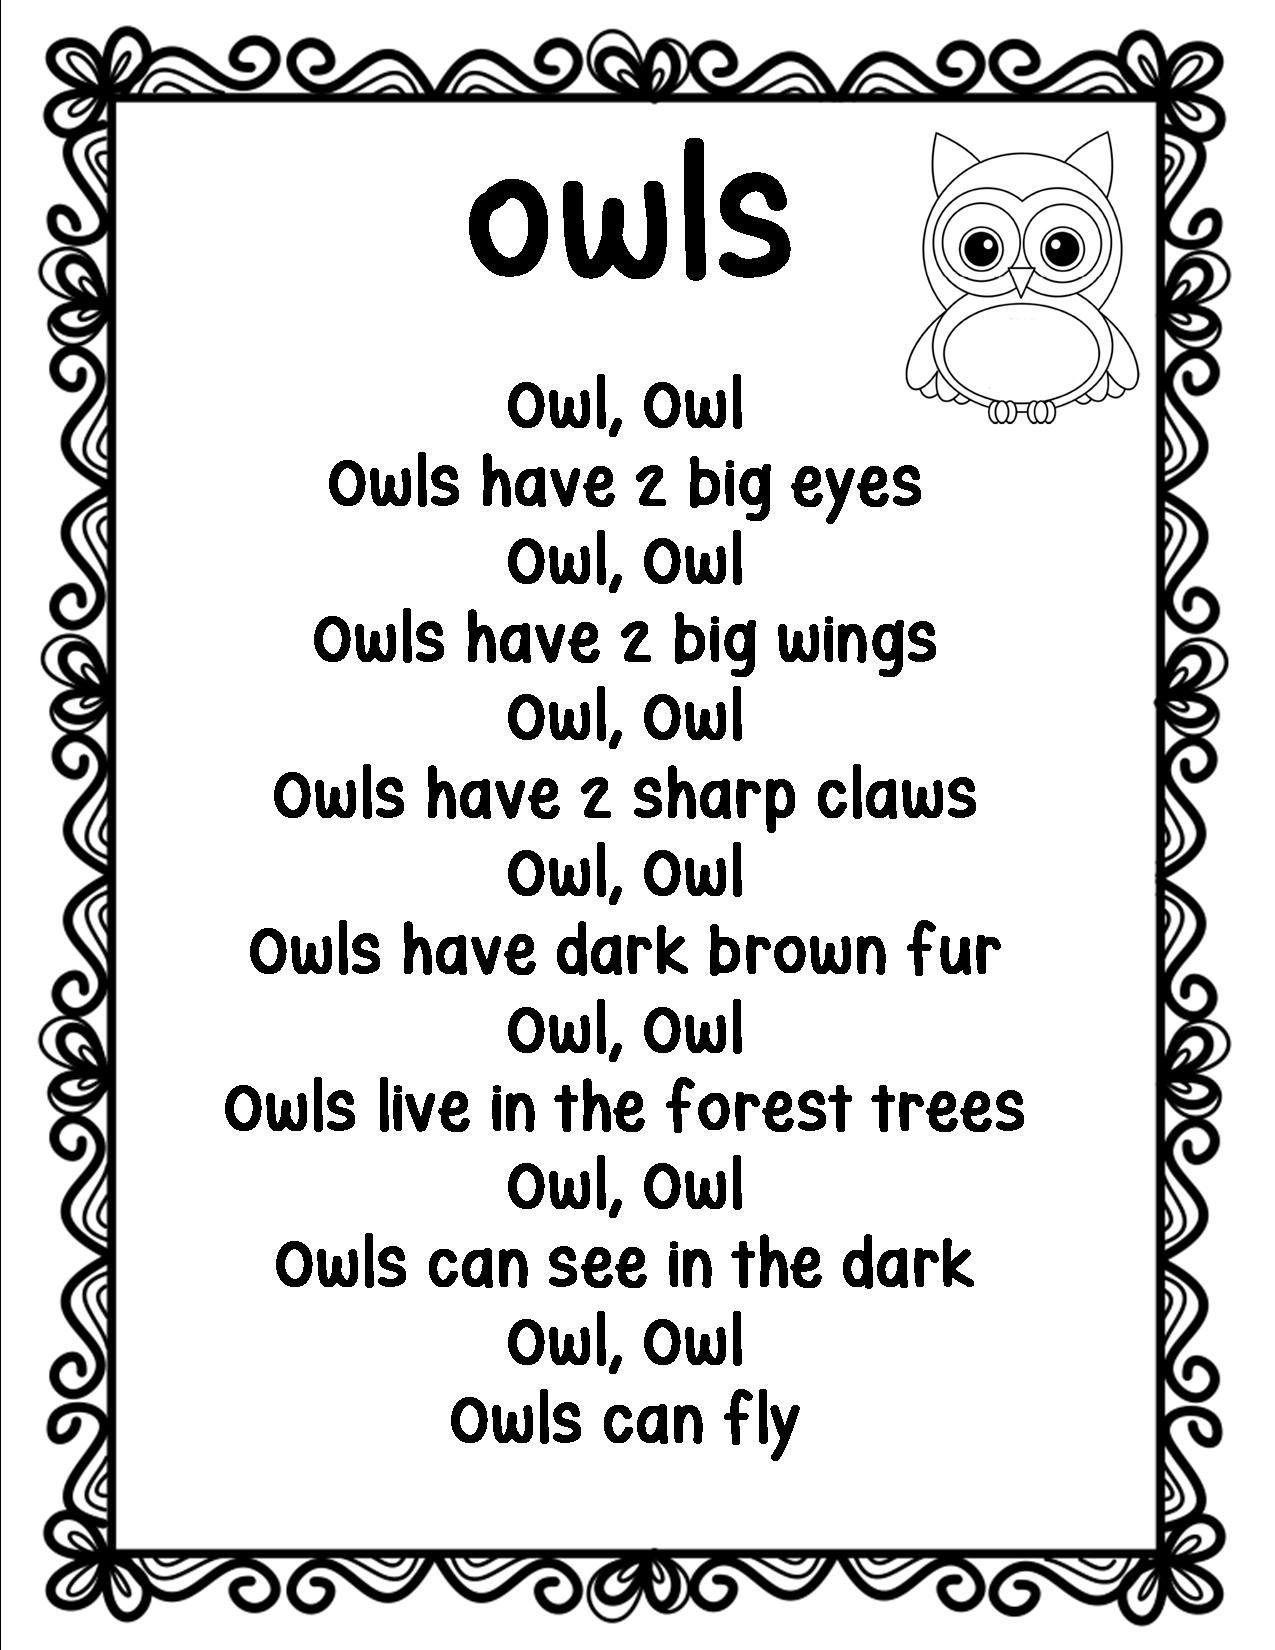 Owls Poem Is For Senior Kindergarten To Grade 2